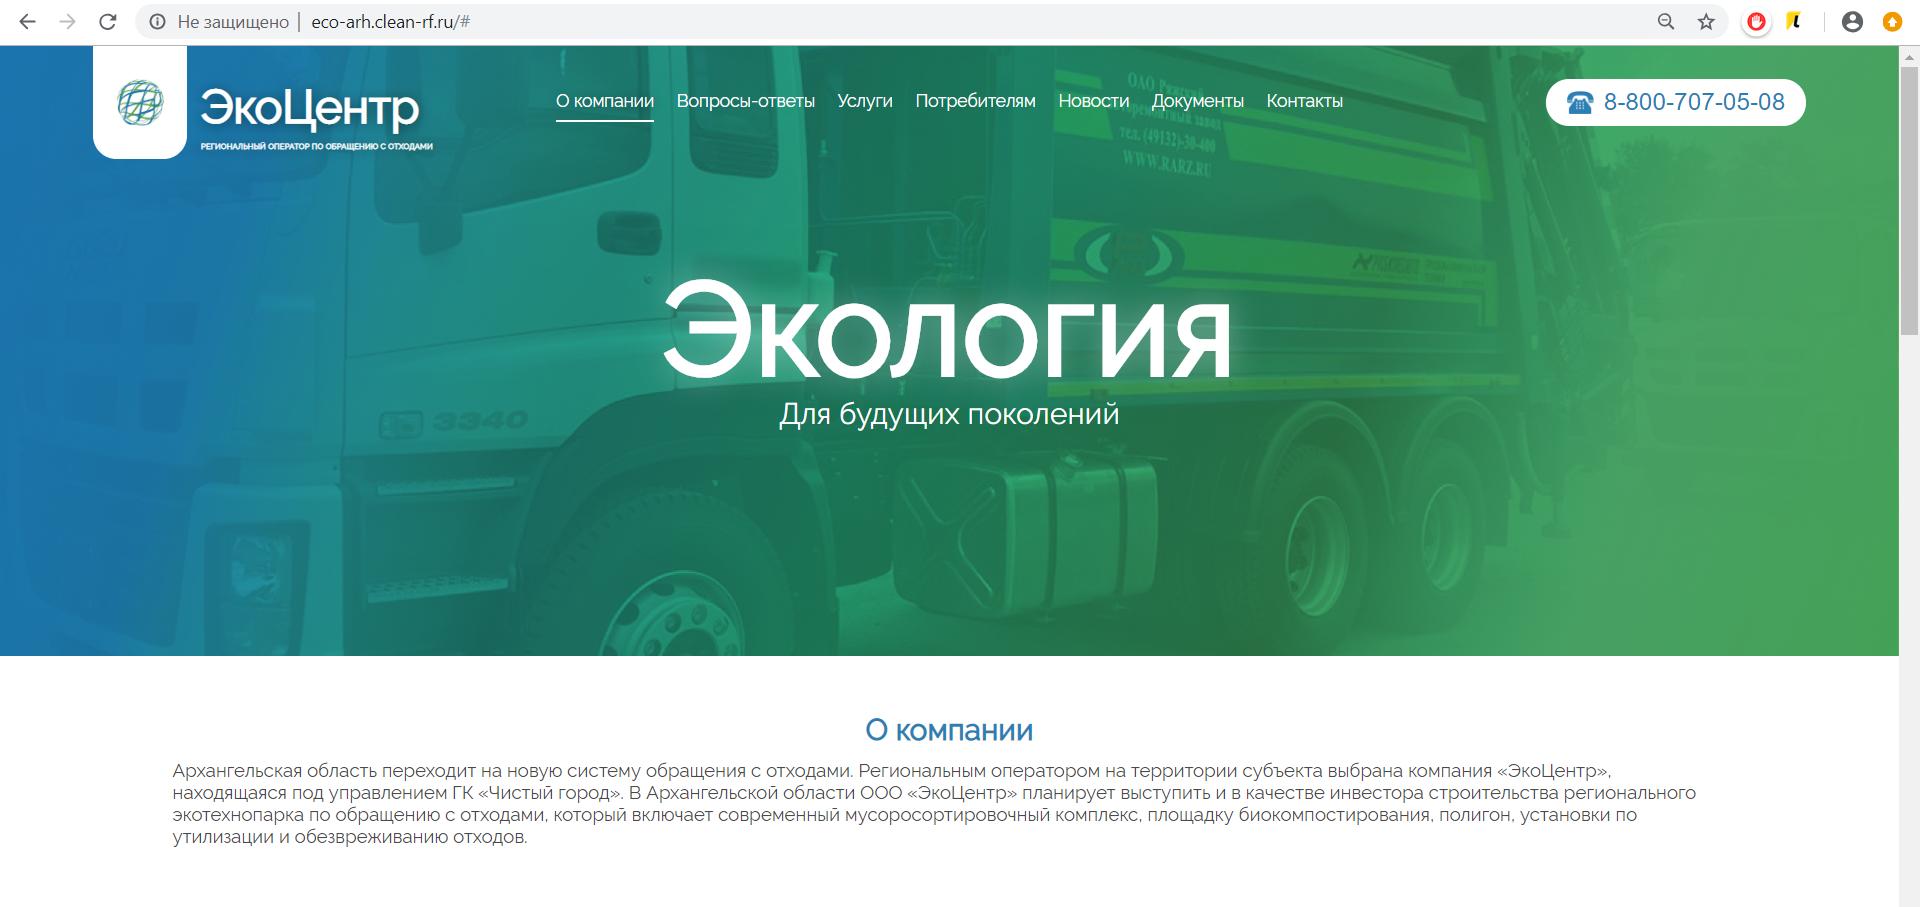 Региональный оператор ТКО Архангельская область